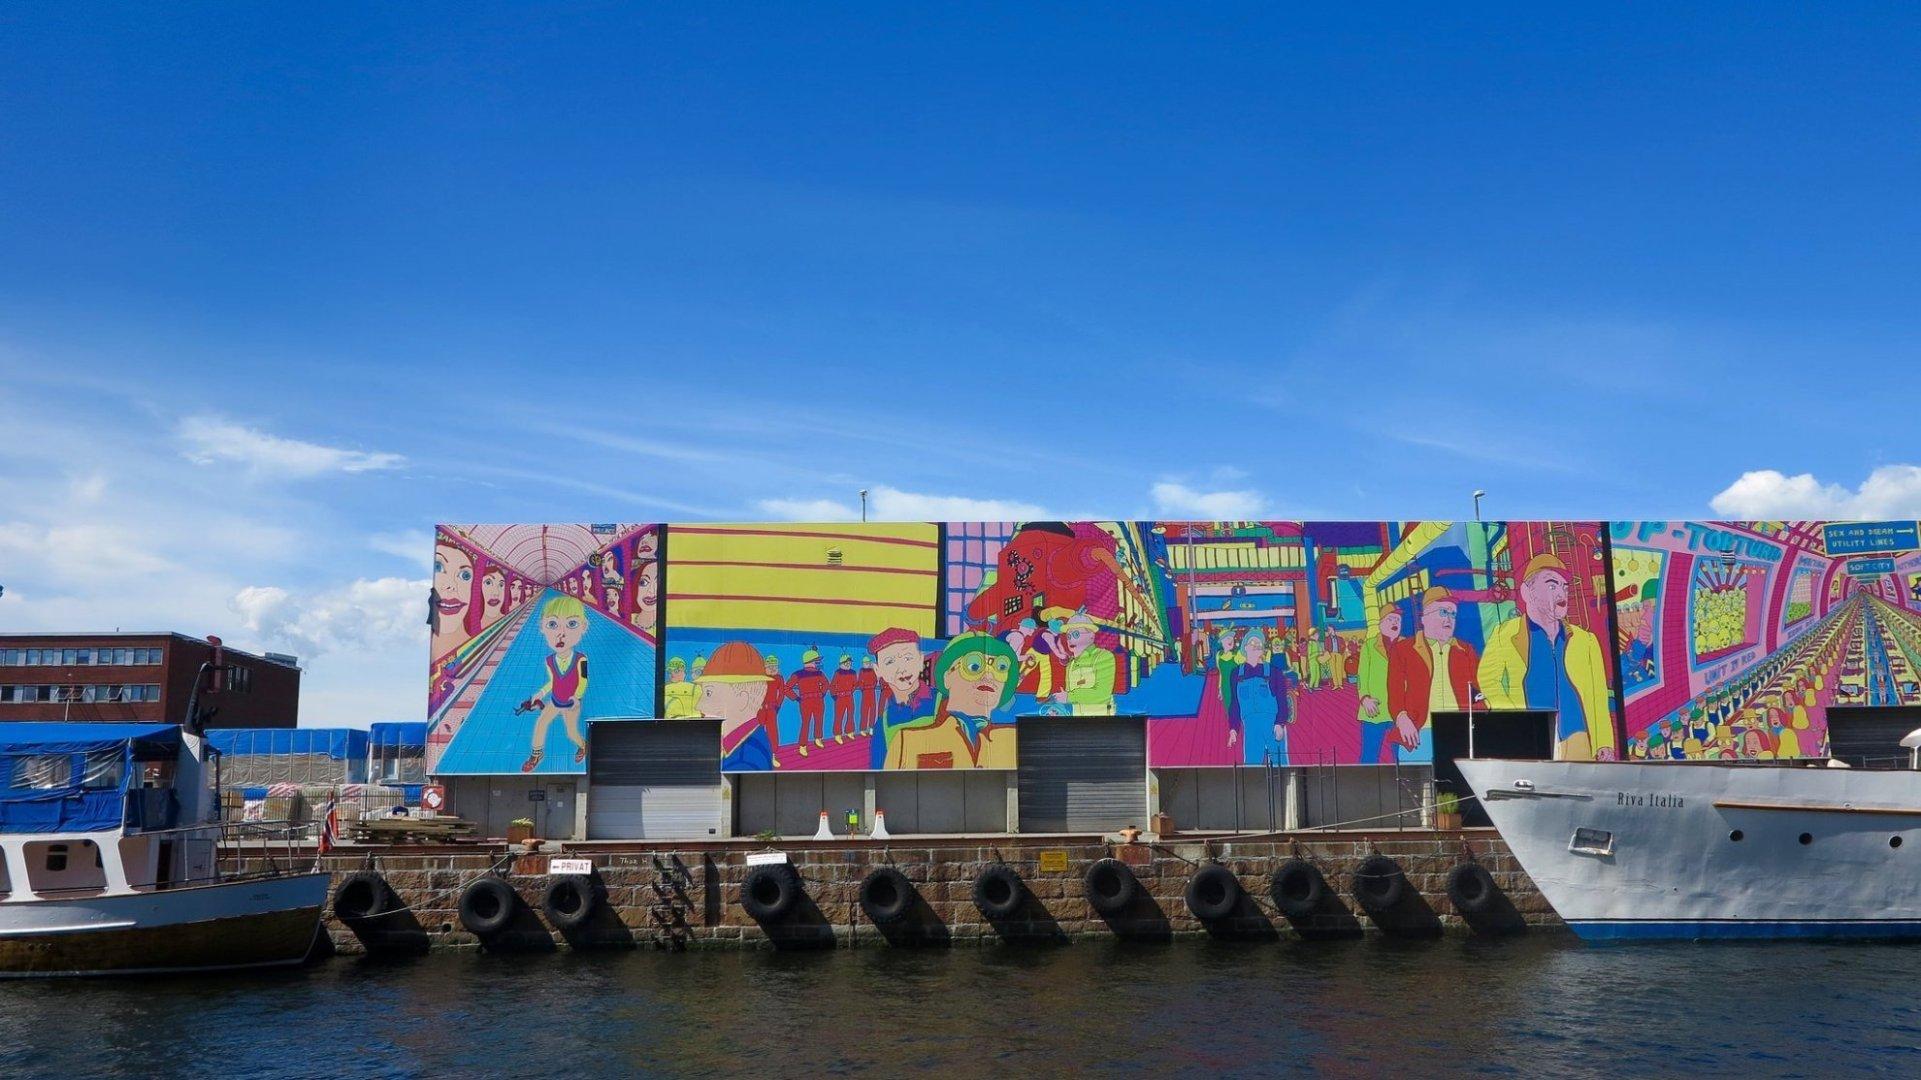 Street art mural   © @markheybo/Flickr